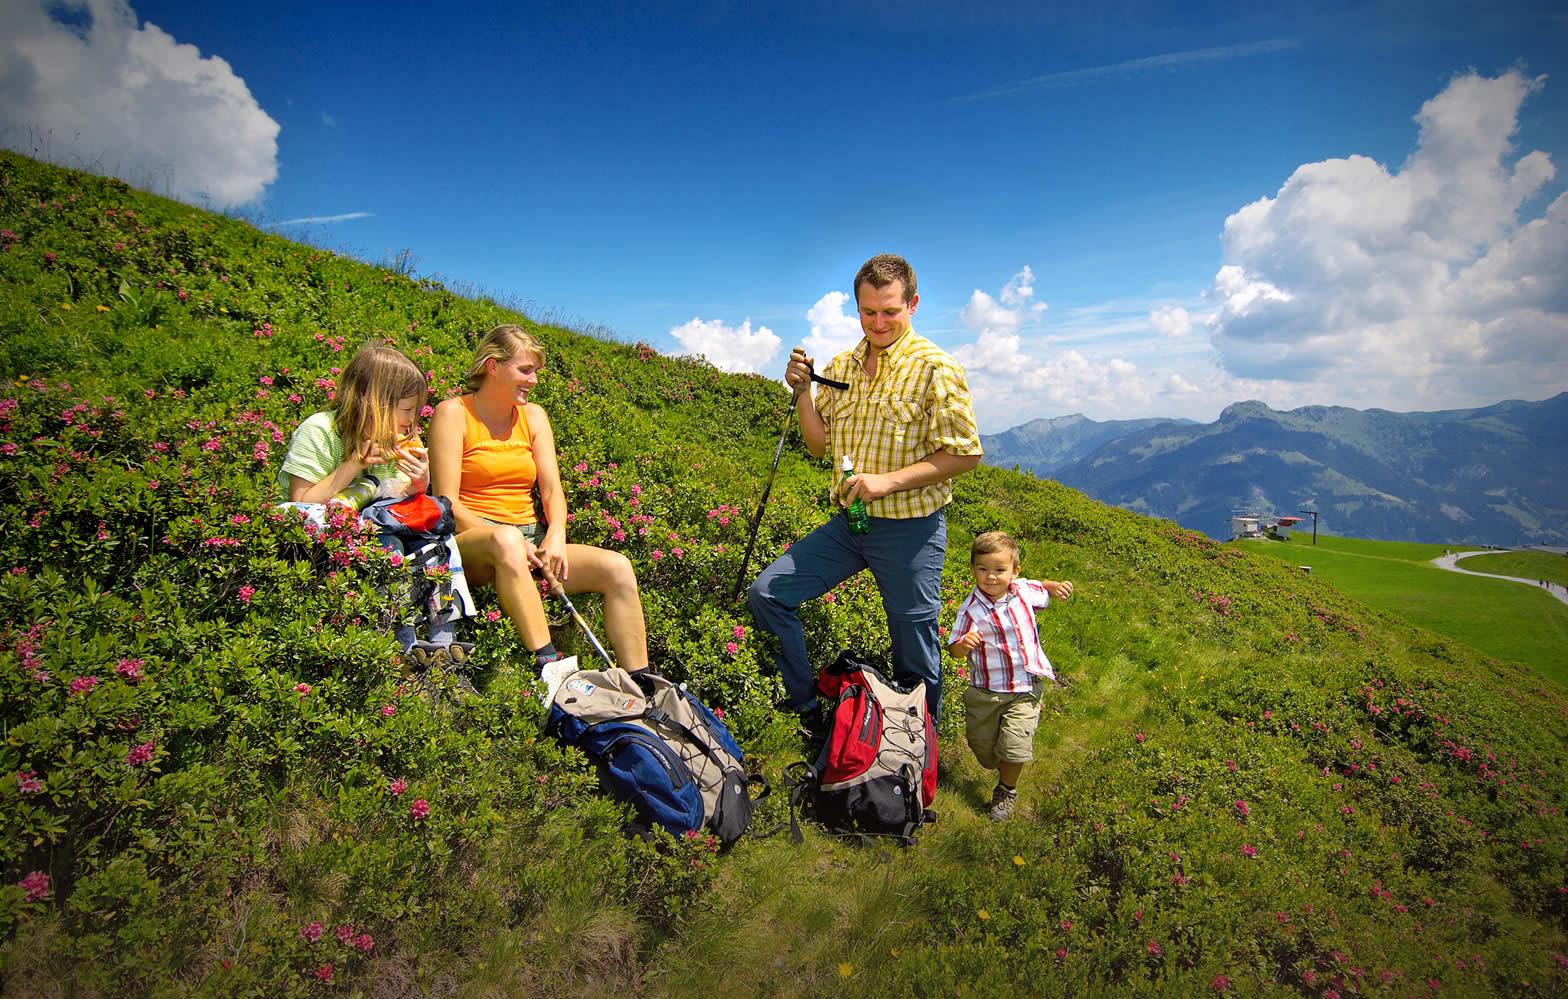 Wandern in Großarl - Klausbauer - Urlaub am Bauernhof